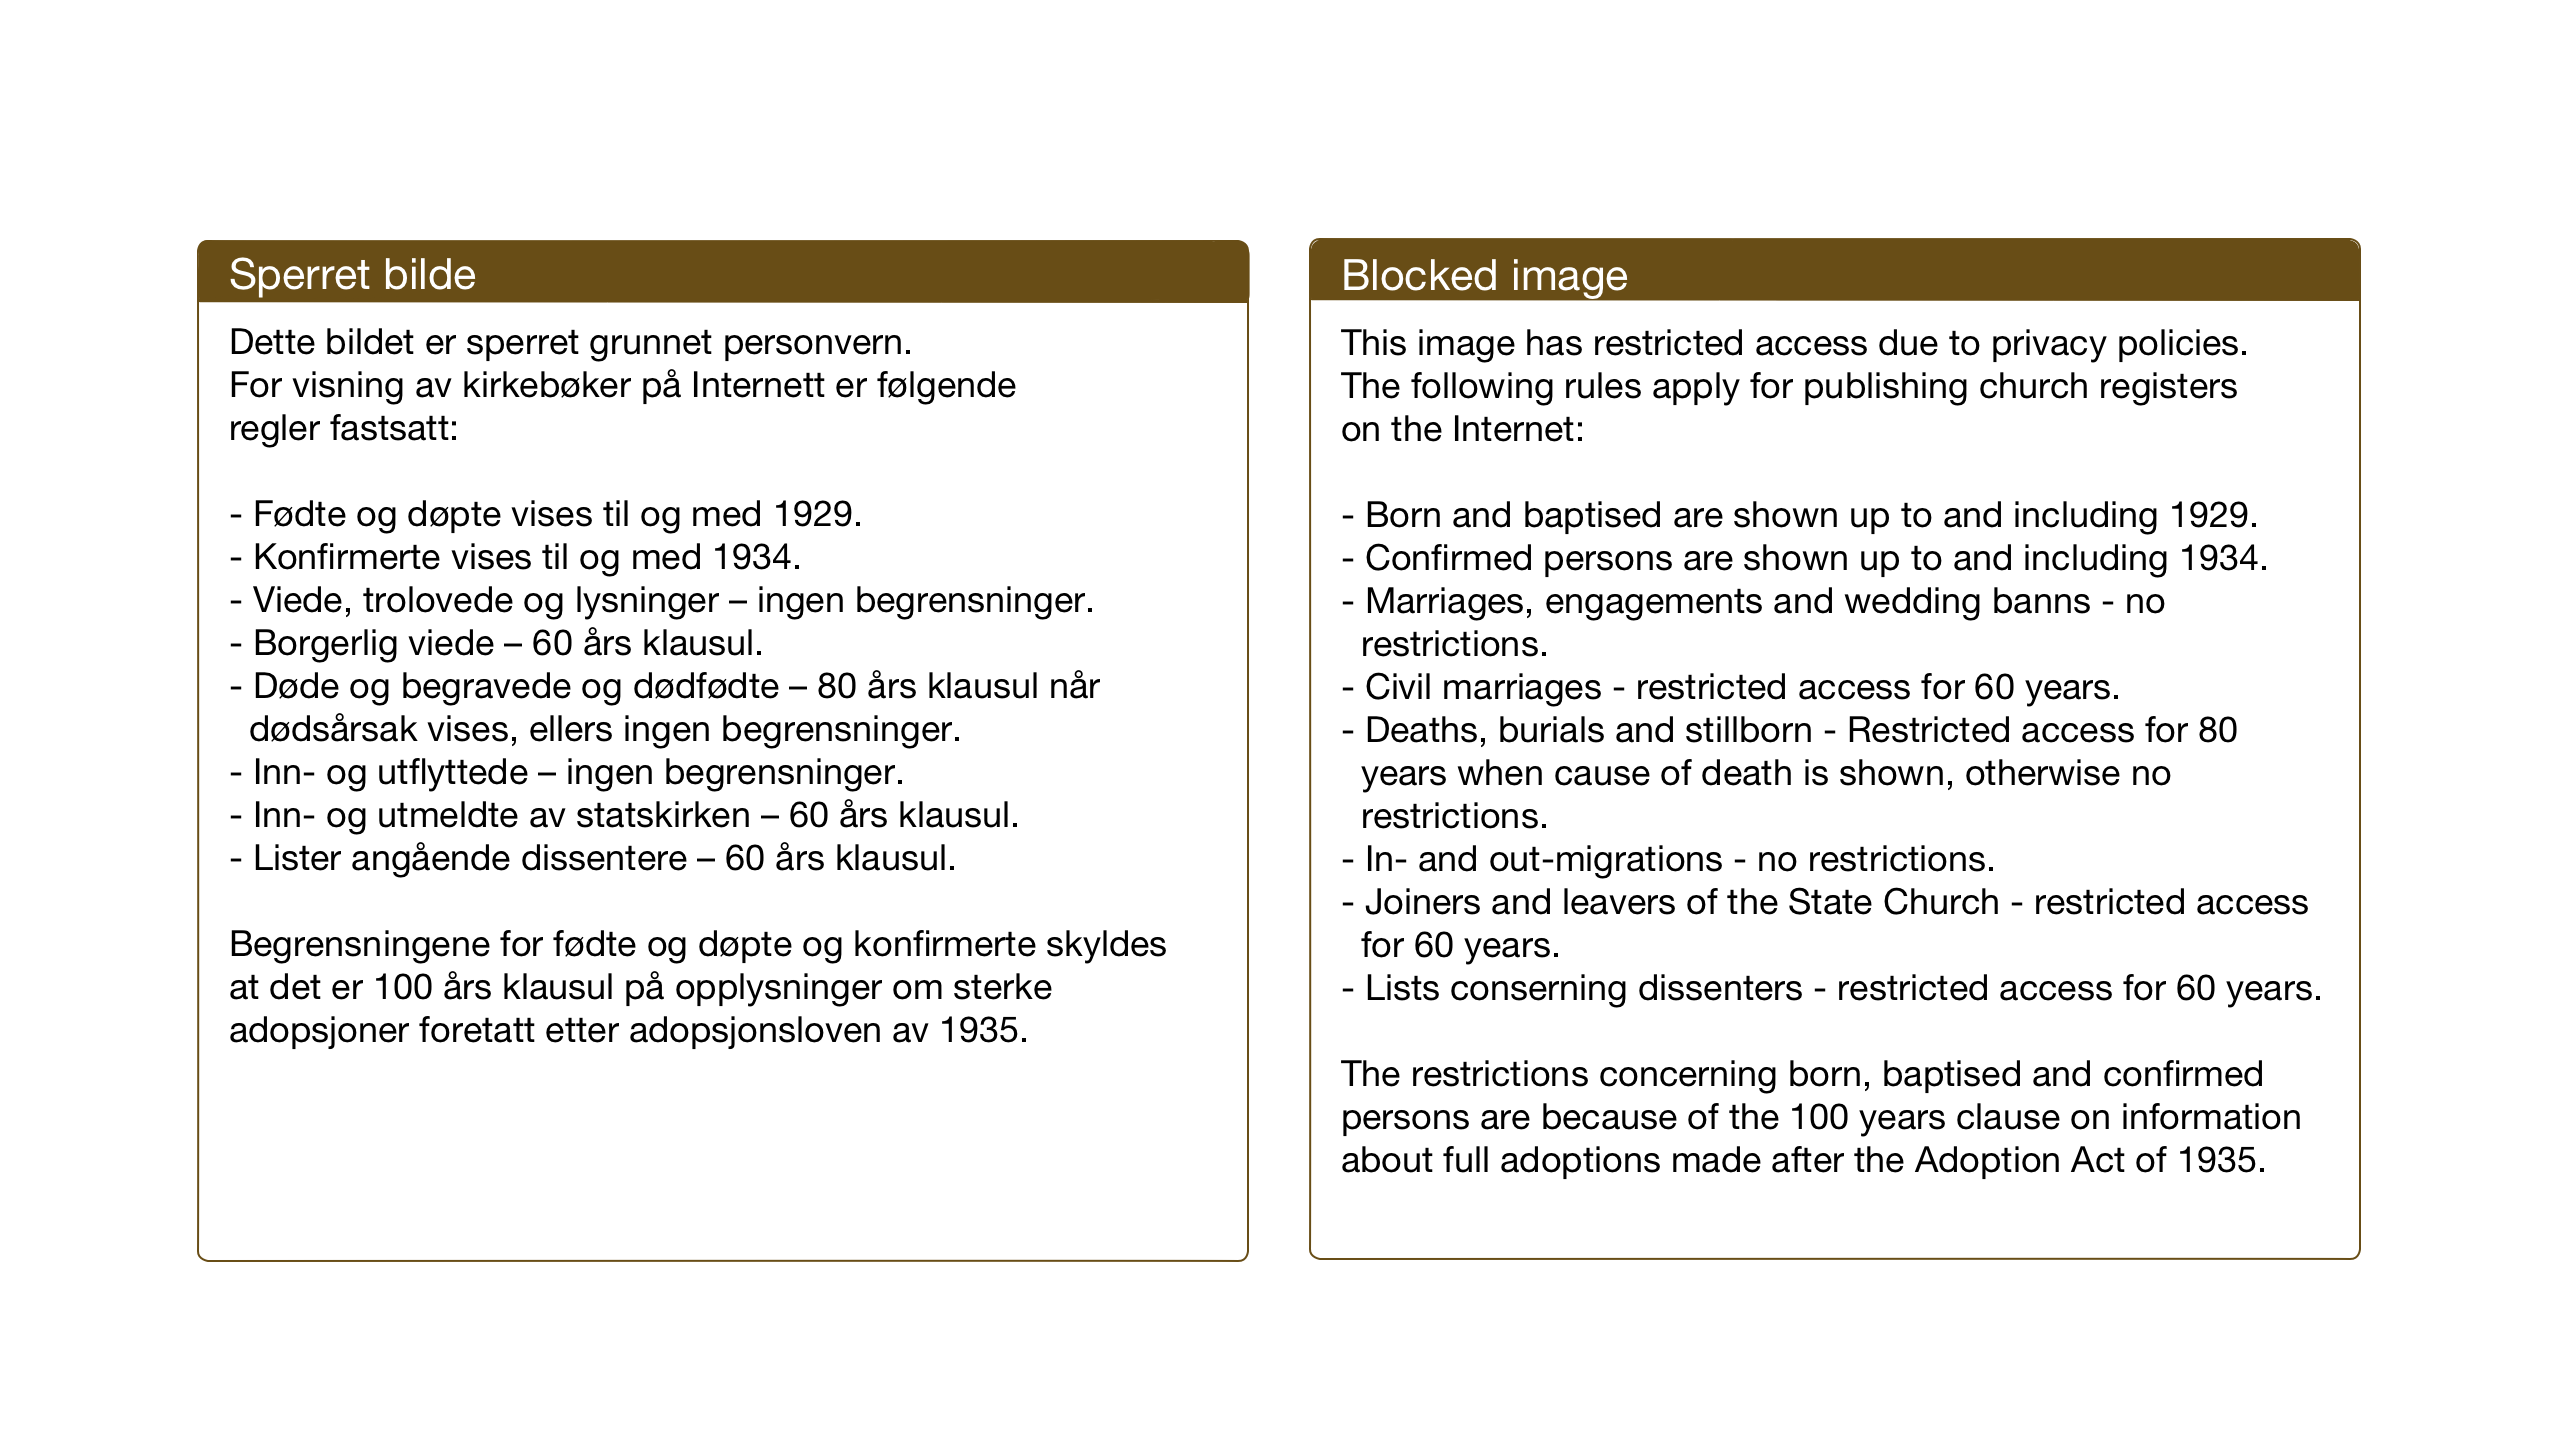 SAT, Ministerialprotokoller, klokkerbøker og fødselsregistre - Sør-Trøndelag, 686/L0986: Klokkerbok nr. 686C02, 1933-1950, s. 108